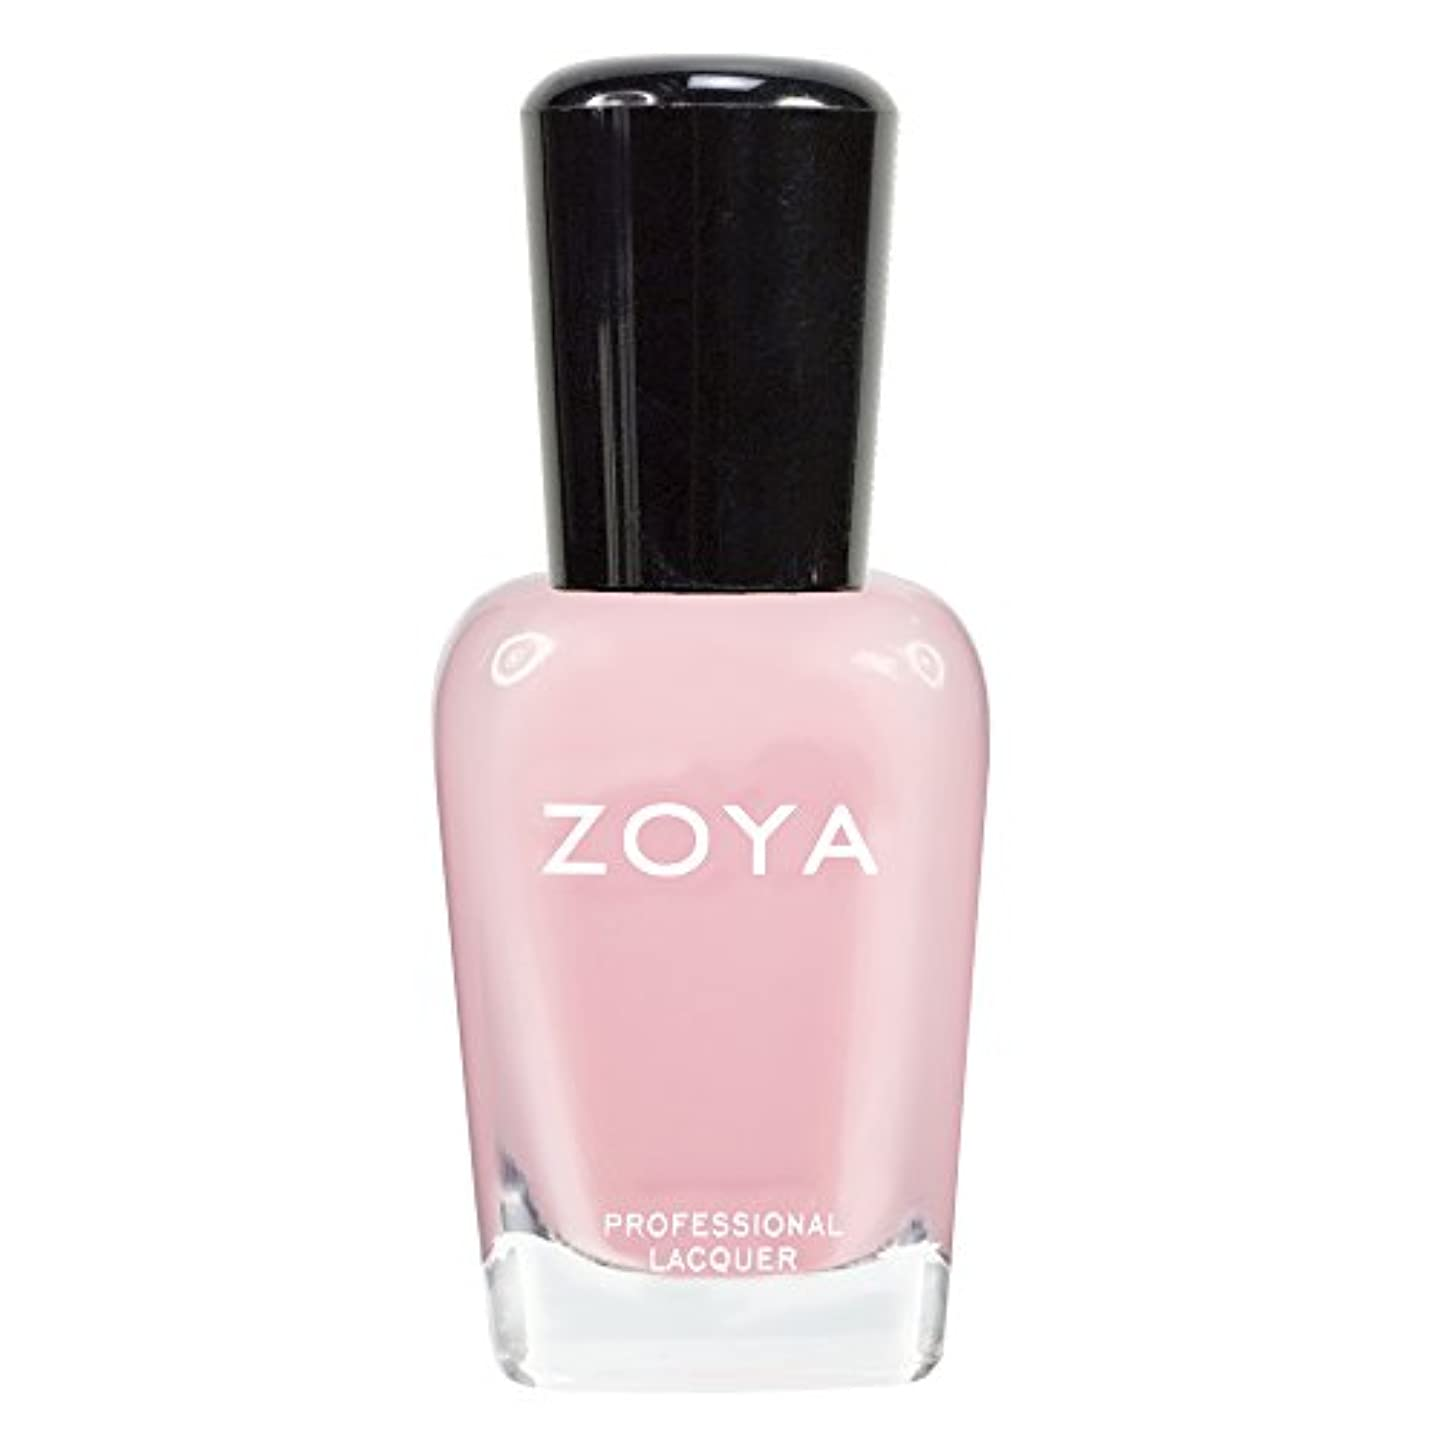 討論責任ギャラリーZOYA ゾーヤ ネイルカラーZP433 LAURIE ローリー 15ml 可愛く色づく桜の花ようなピンク シアー/クリーム 爪にやさしいネイルラッカーマニキュア